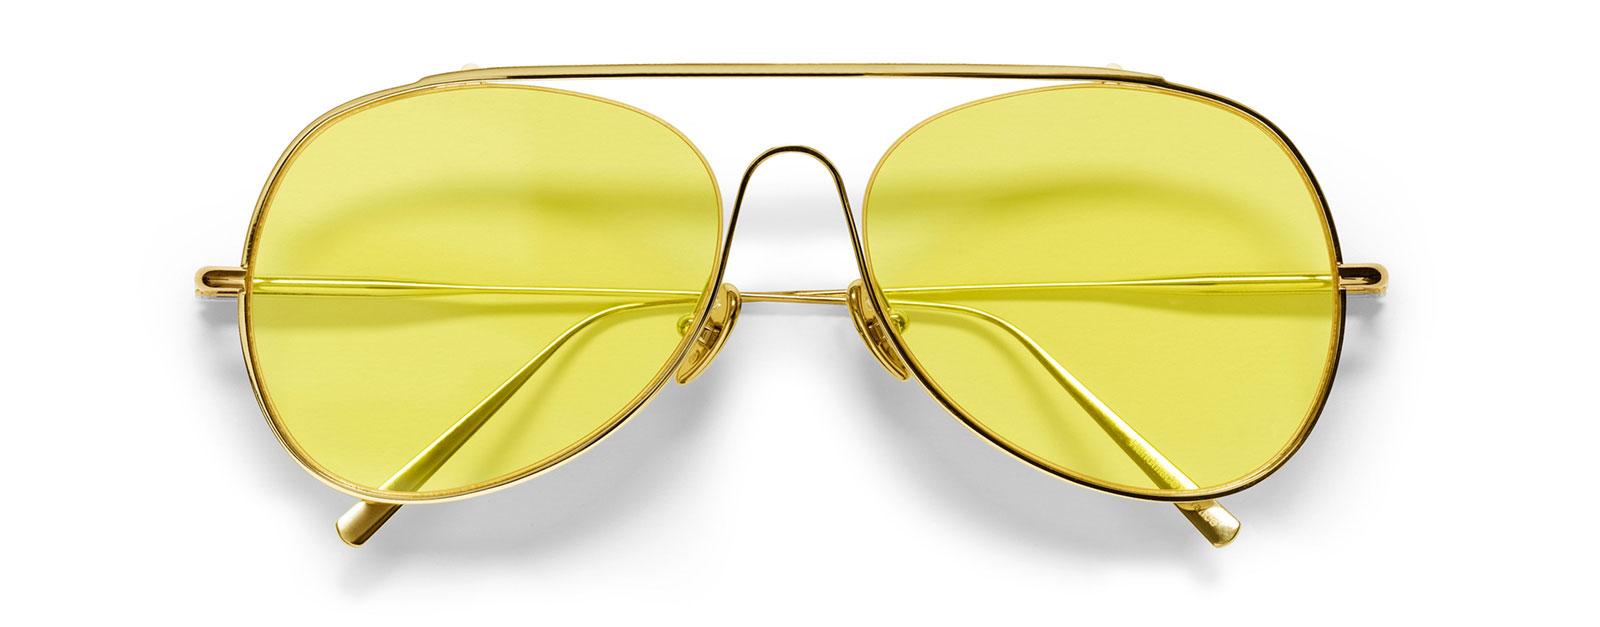 Acne Studio Eyewear Collection_yellow